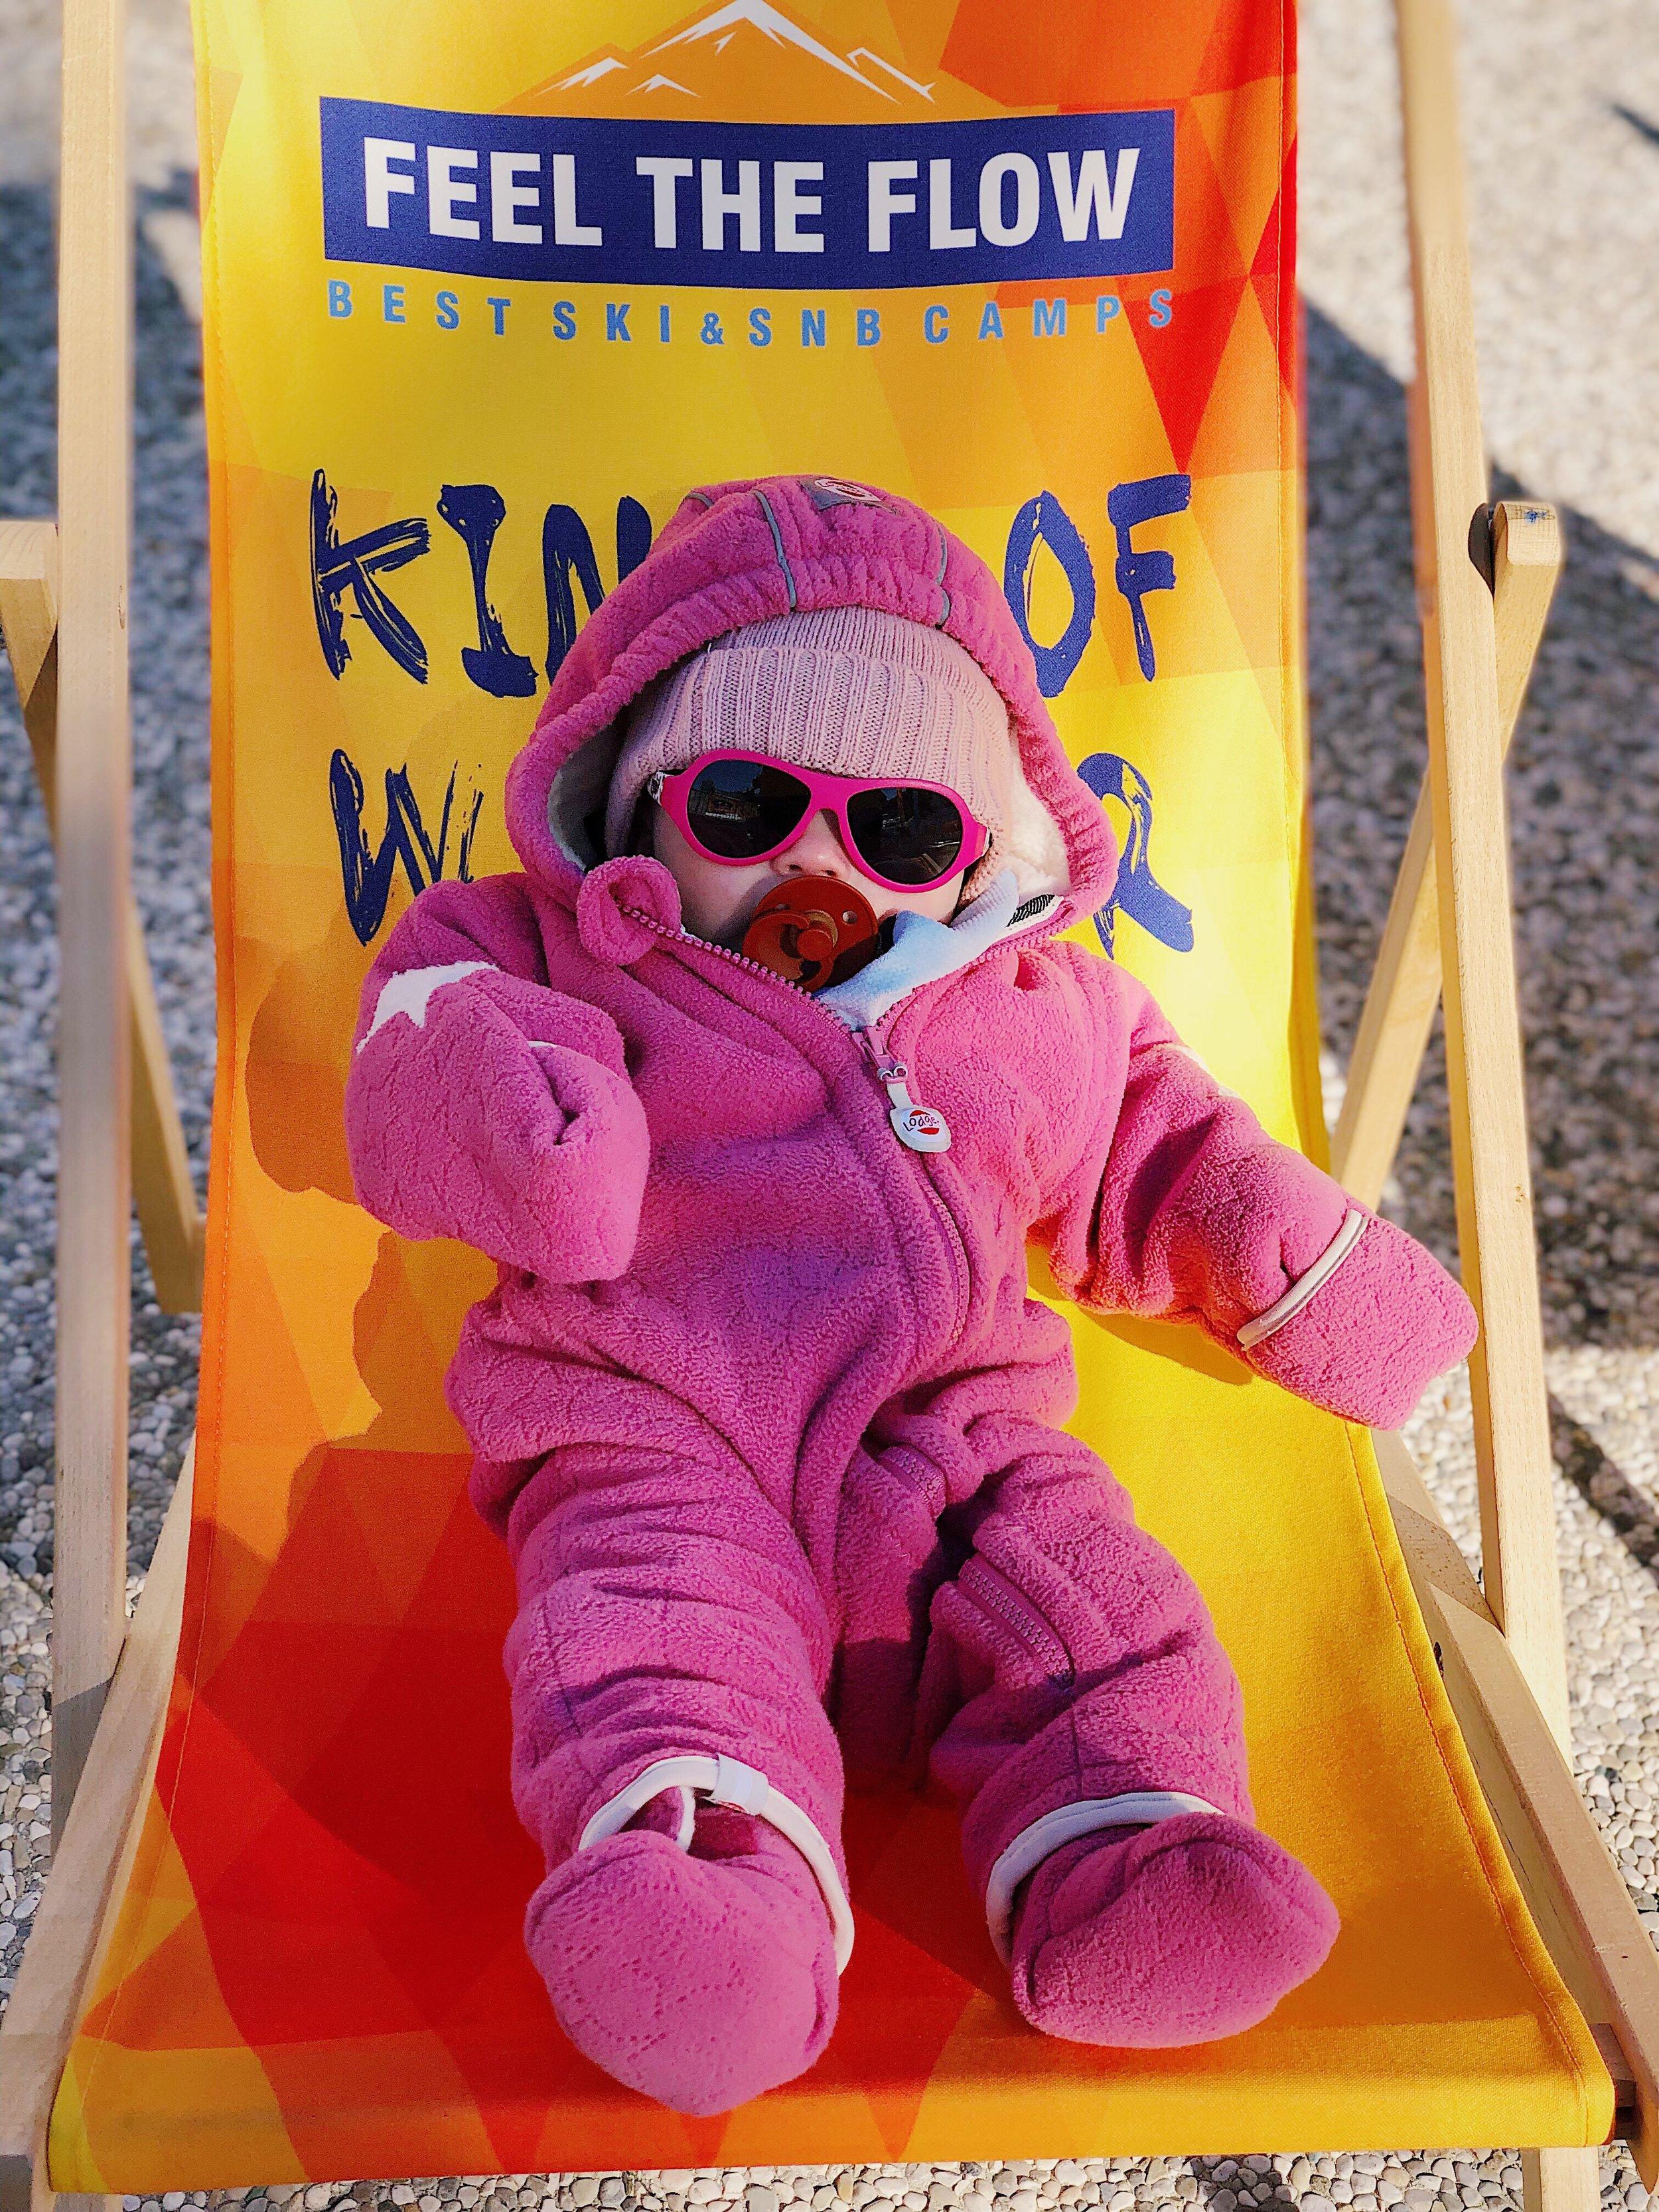 Moja córka codziennie spędzała kilka godzin na świeżym alpejskim powietrzu, na szczęście jak jeździłem w Polsce, to została z mamą w domu ;)